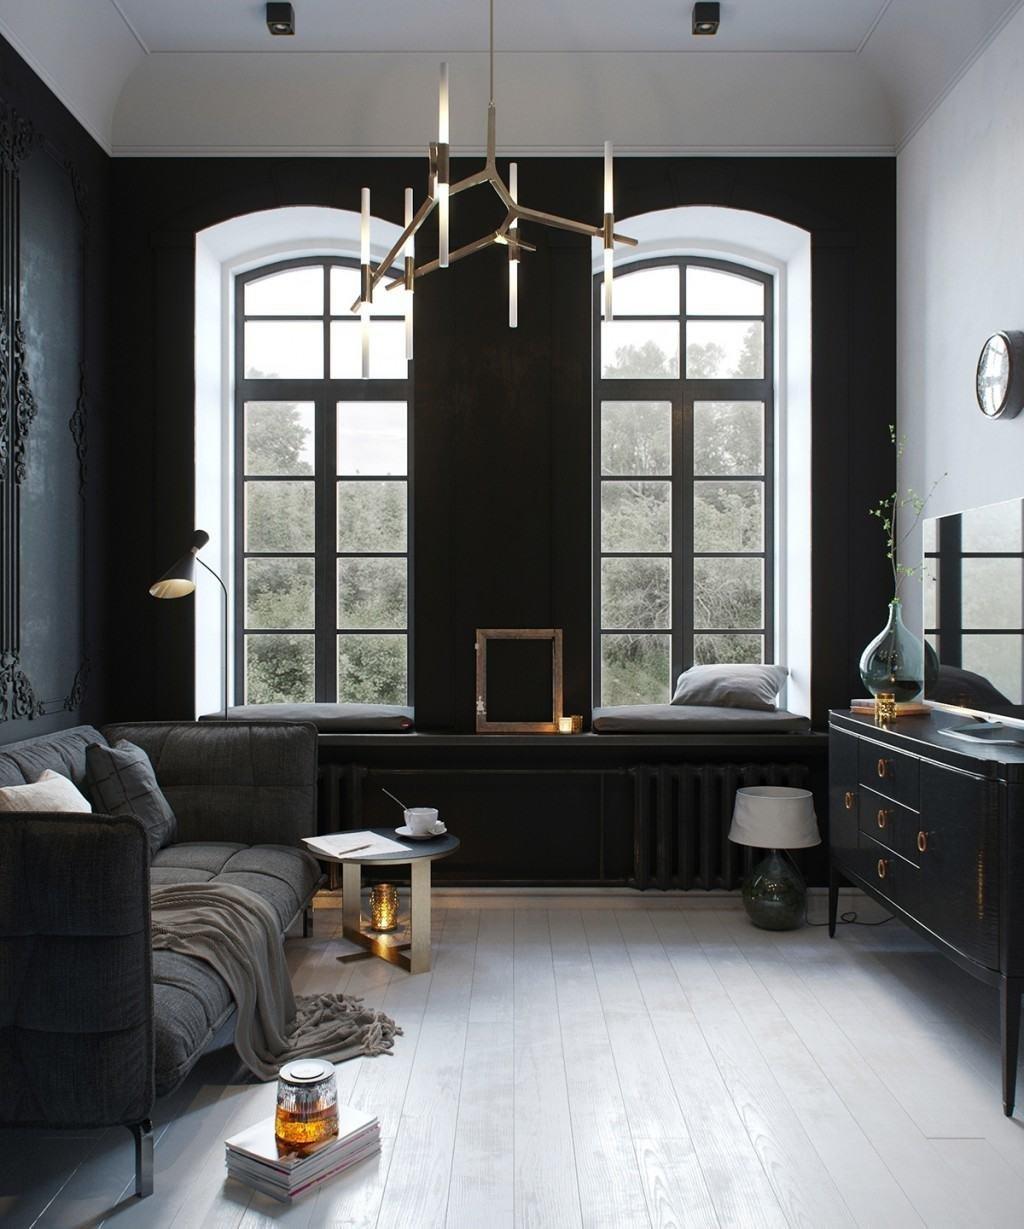 Funkcjonalny apartament_c